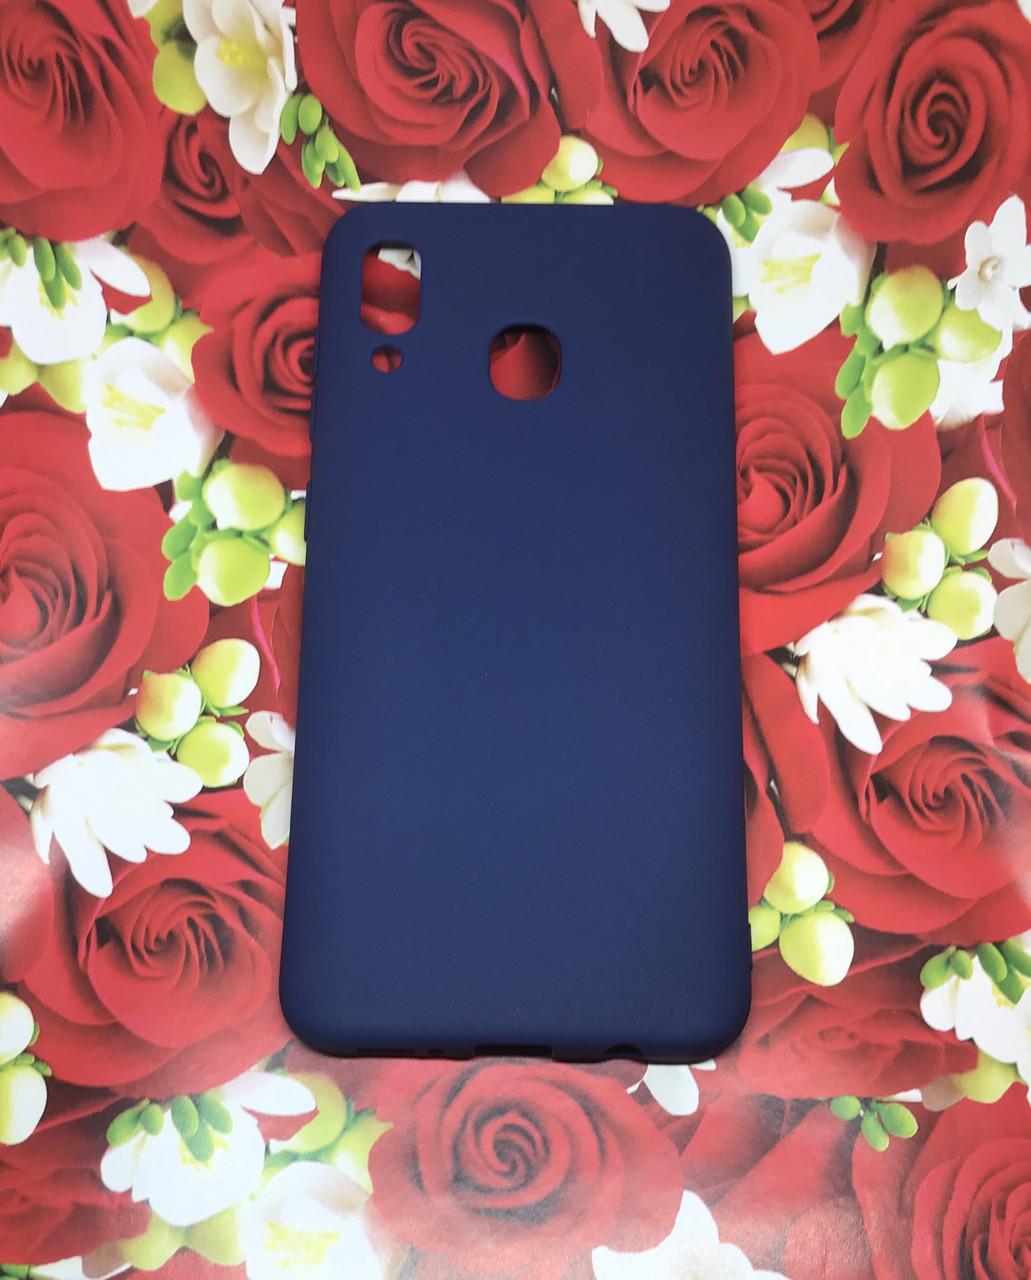 Samsung Galaxy A30 2019 (A305F) цветной матовый силиконовый ультратонкий чехол/ бампер/ накладка синий